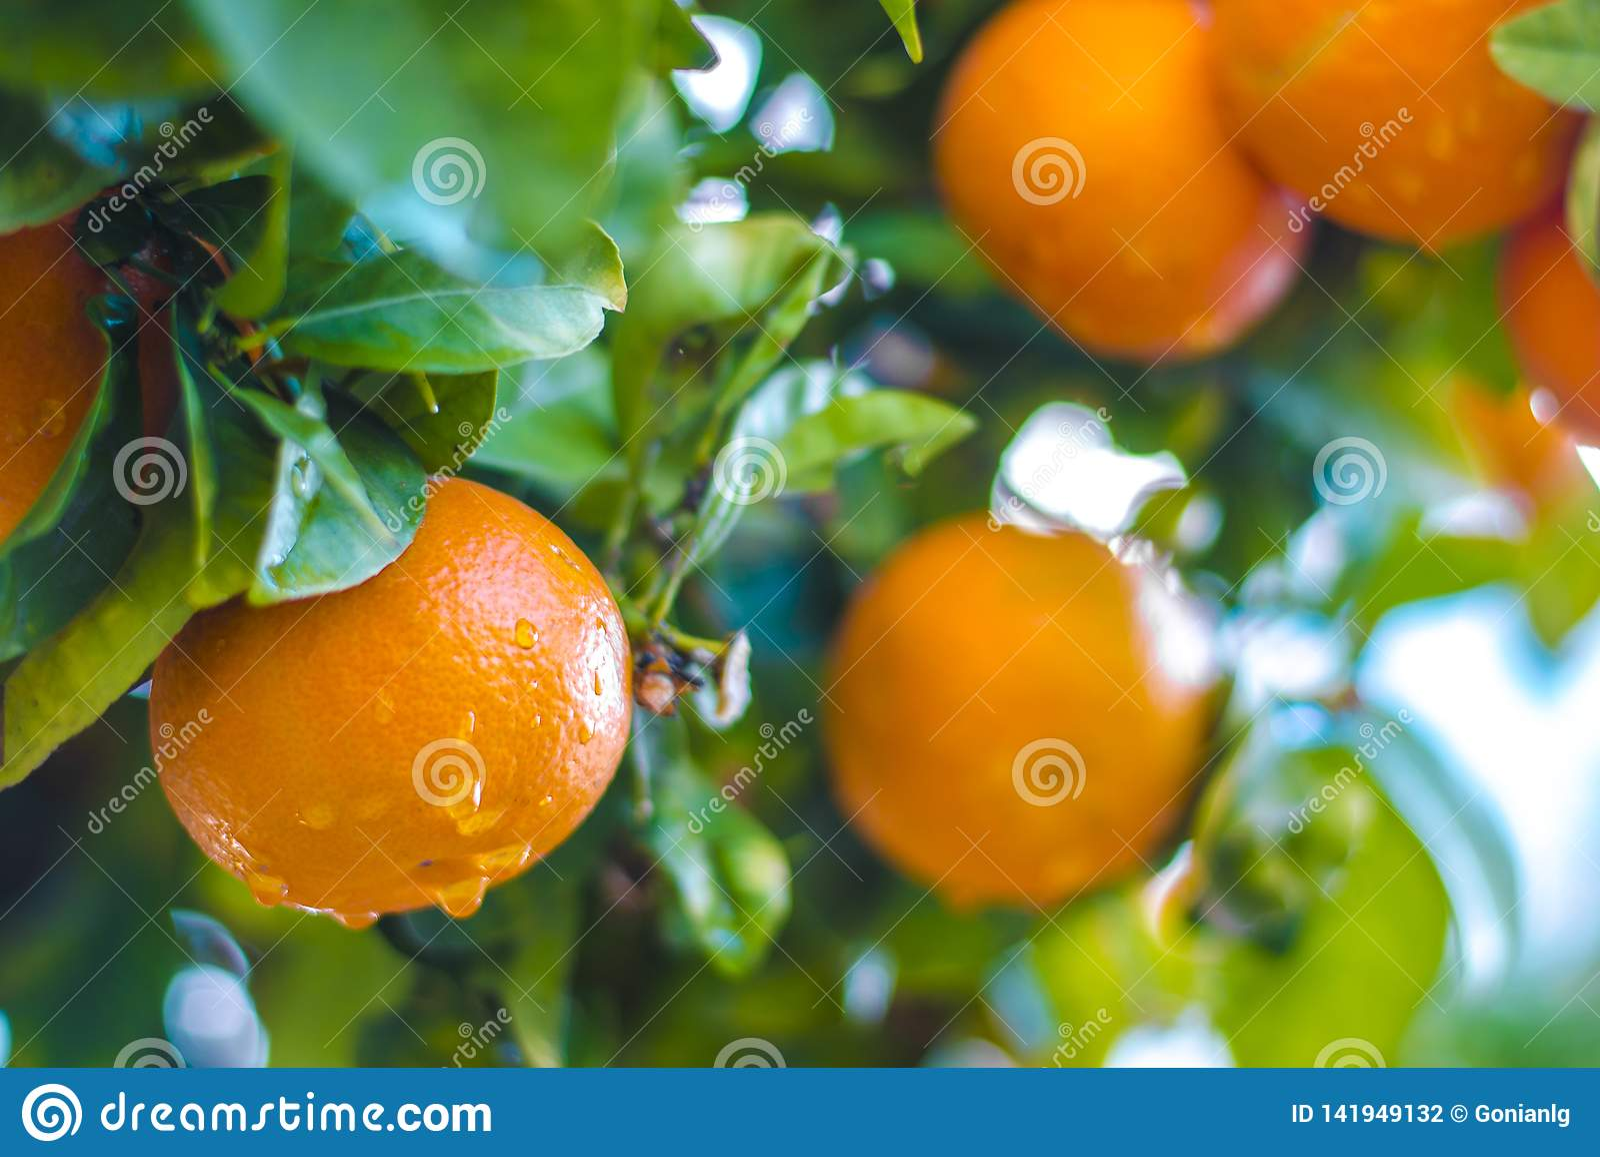 Rijpe mandarijnen op een boomtak Blauwe hemel op de achtergrond De achtergrond van de citrusvrucht